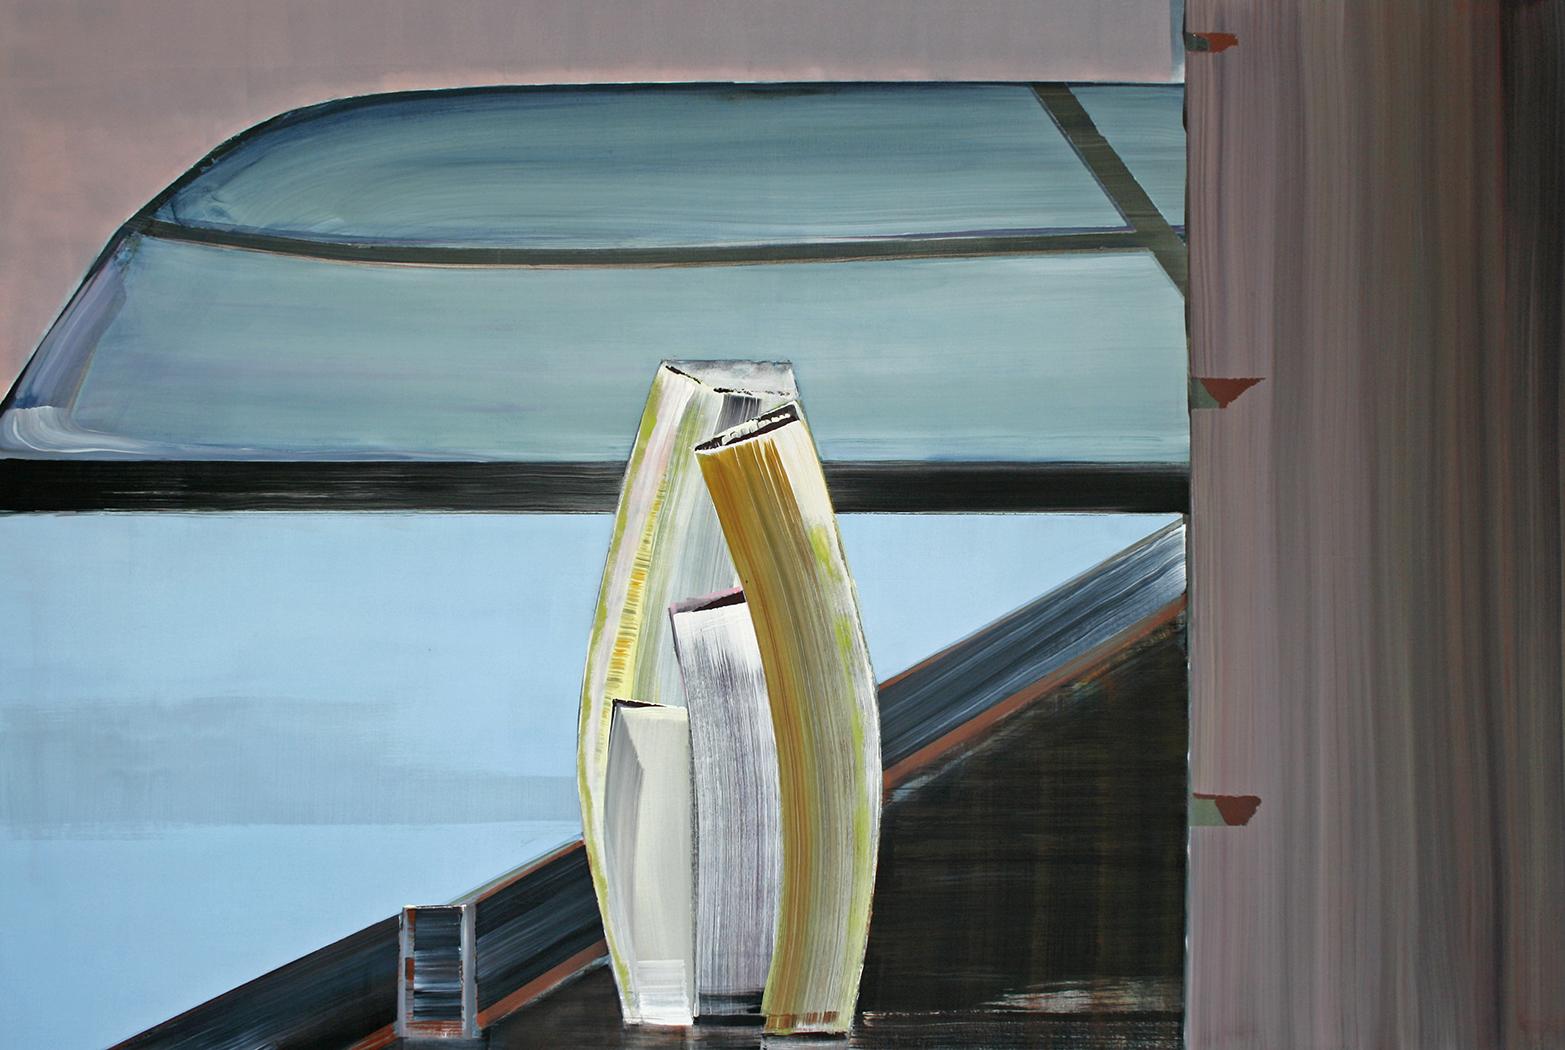 32e versie schilderij 2014 olieverf op linnen 130 x 190cm